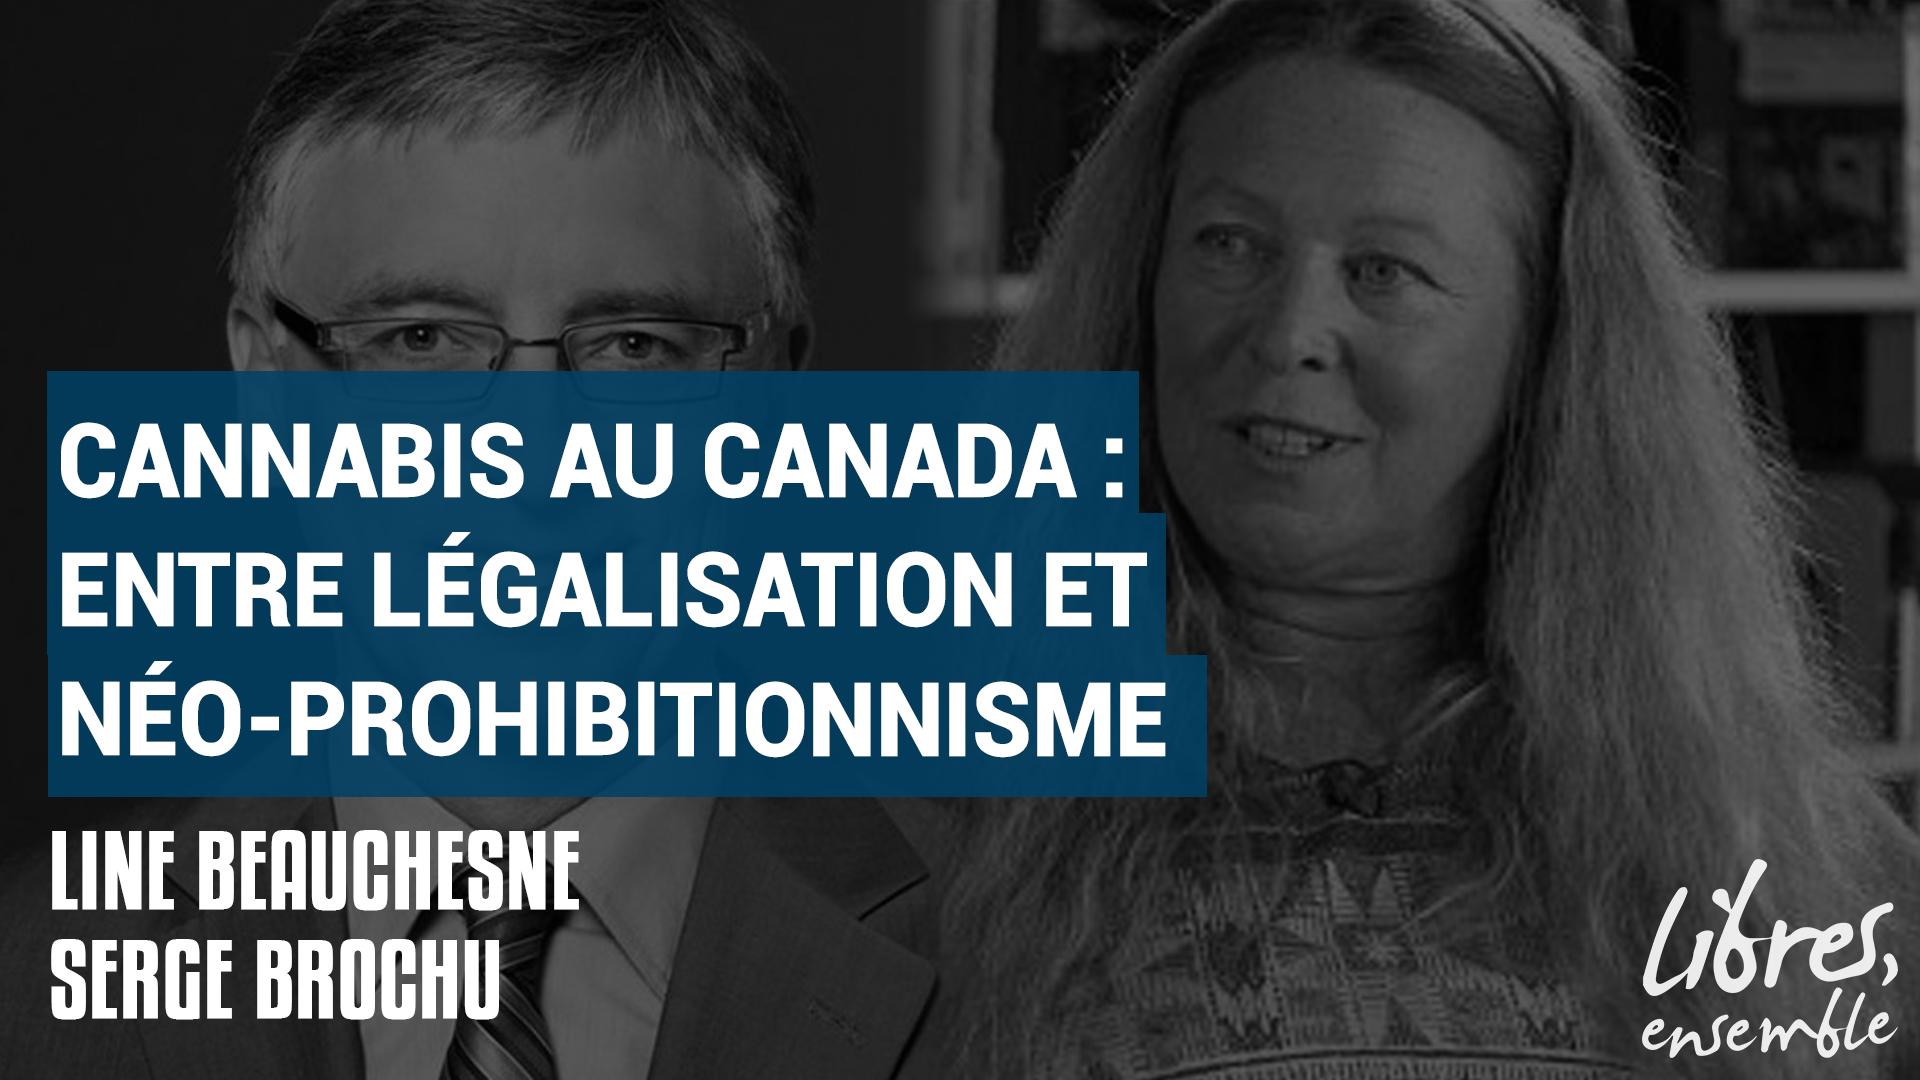 Cannabis au Canada : entre légalisation et néo-prohibitionnisme